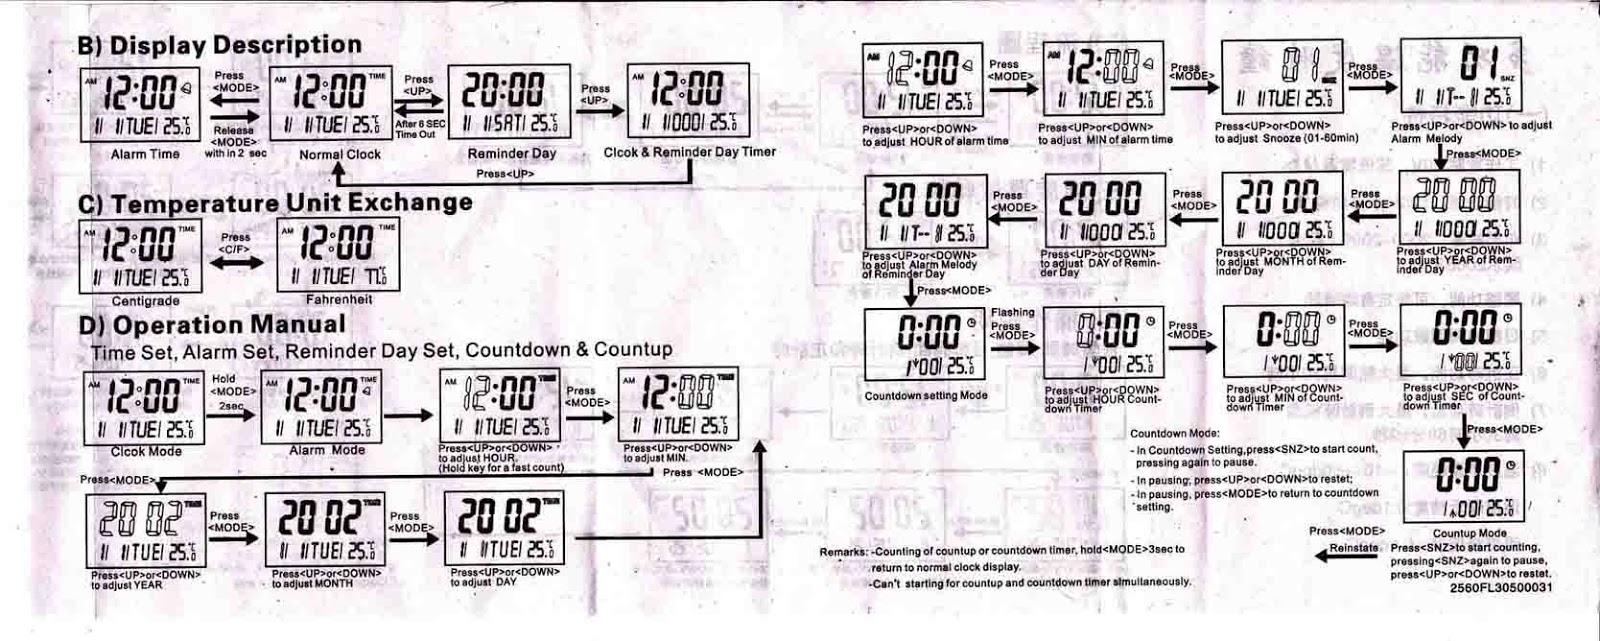 Jual Aneka Barang Jam Digital Kenko KK 3885 LCD Wall Clock